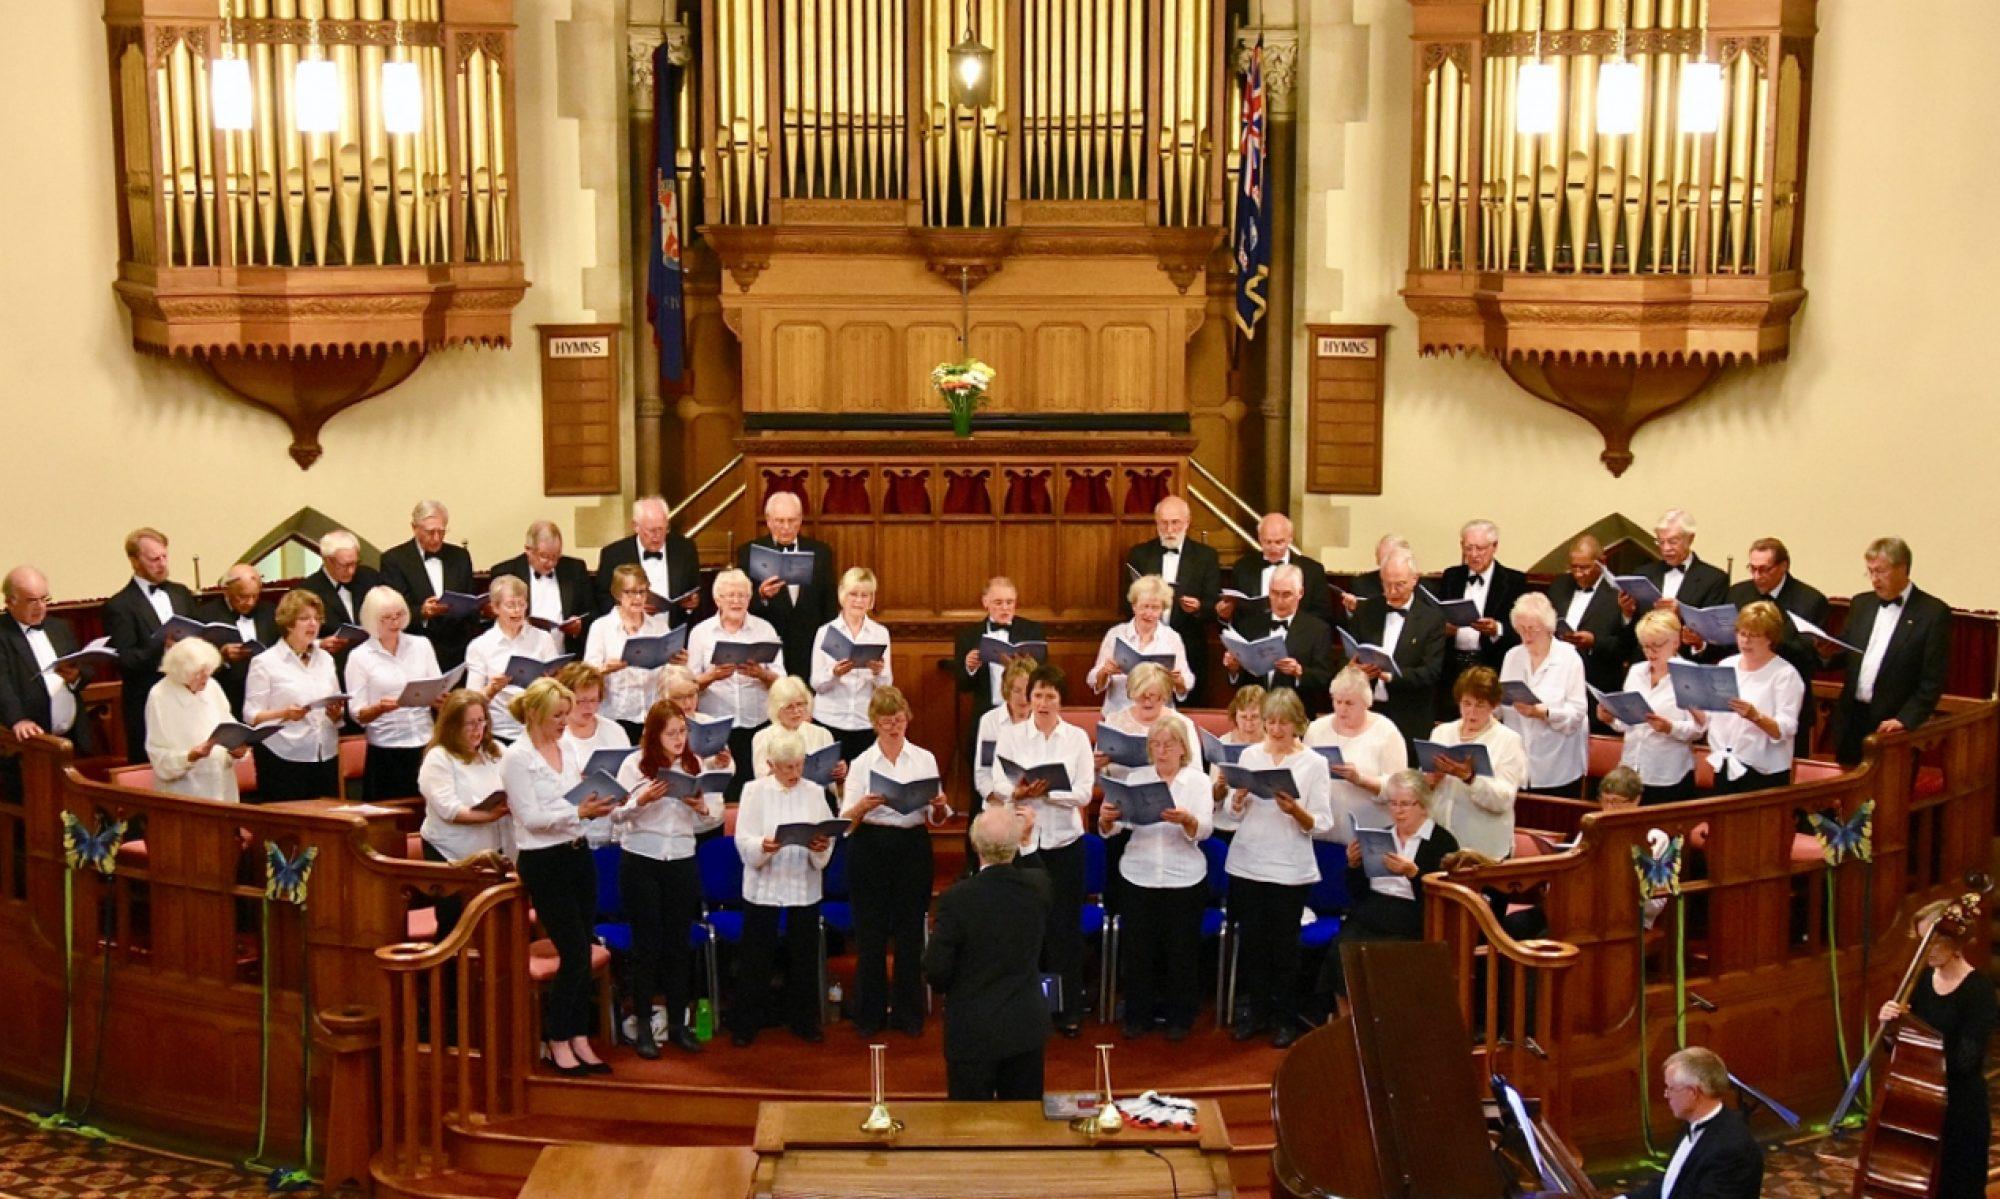 Wellingborough Singers